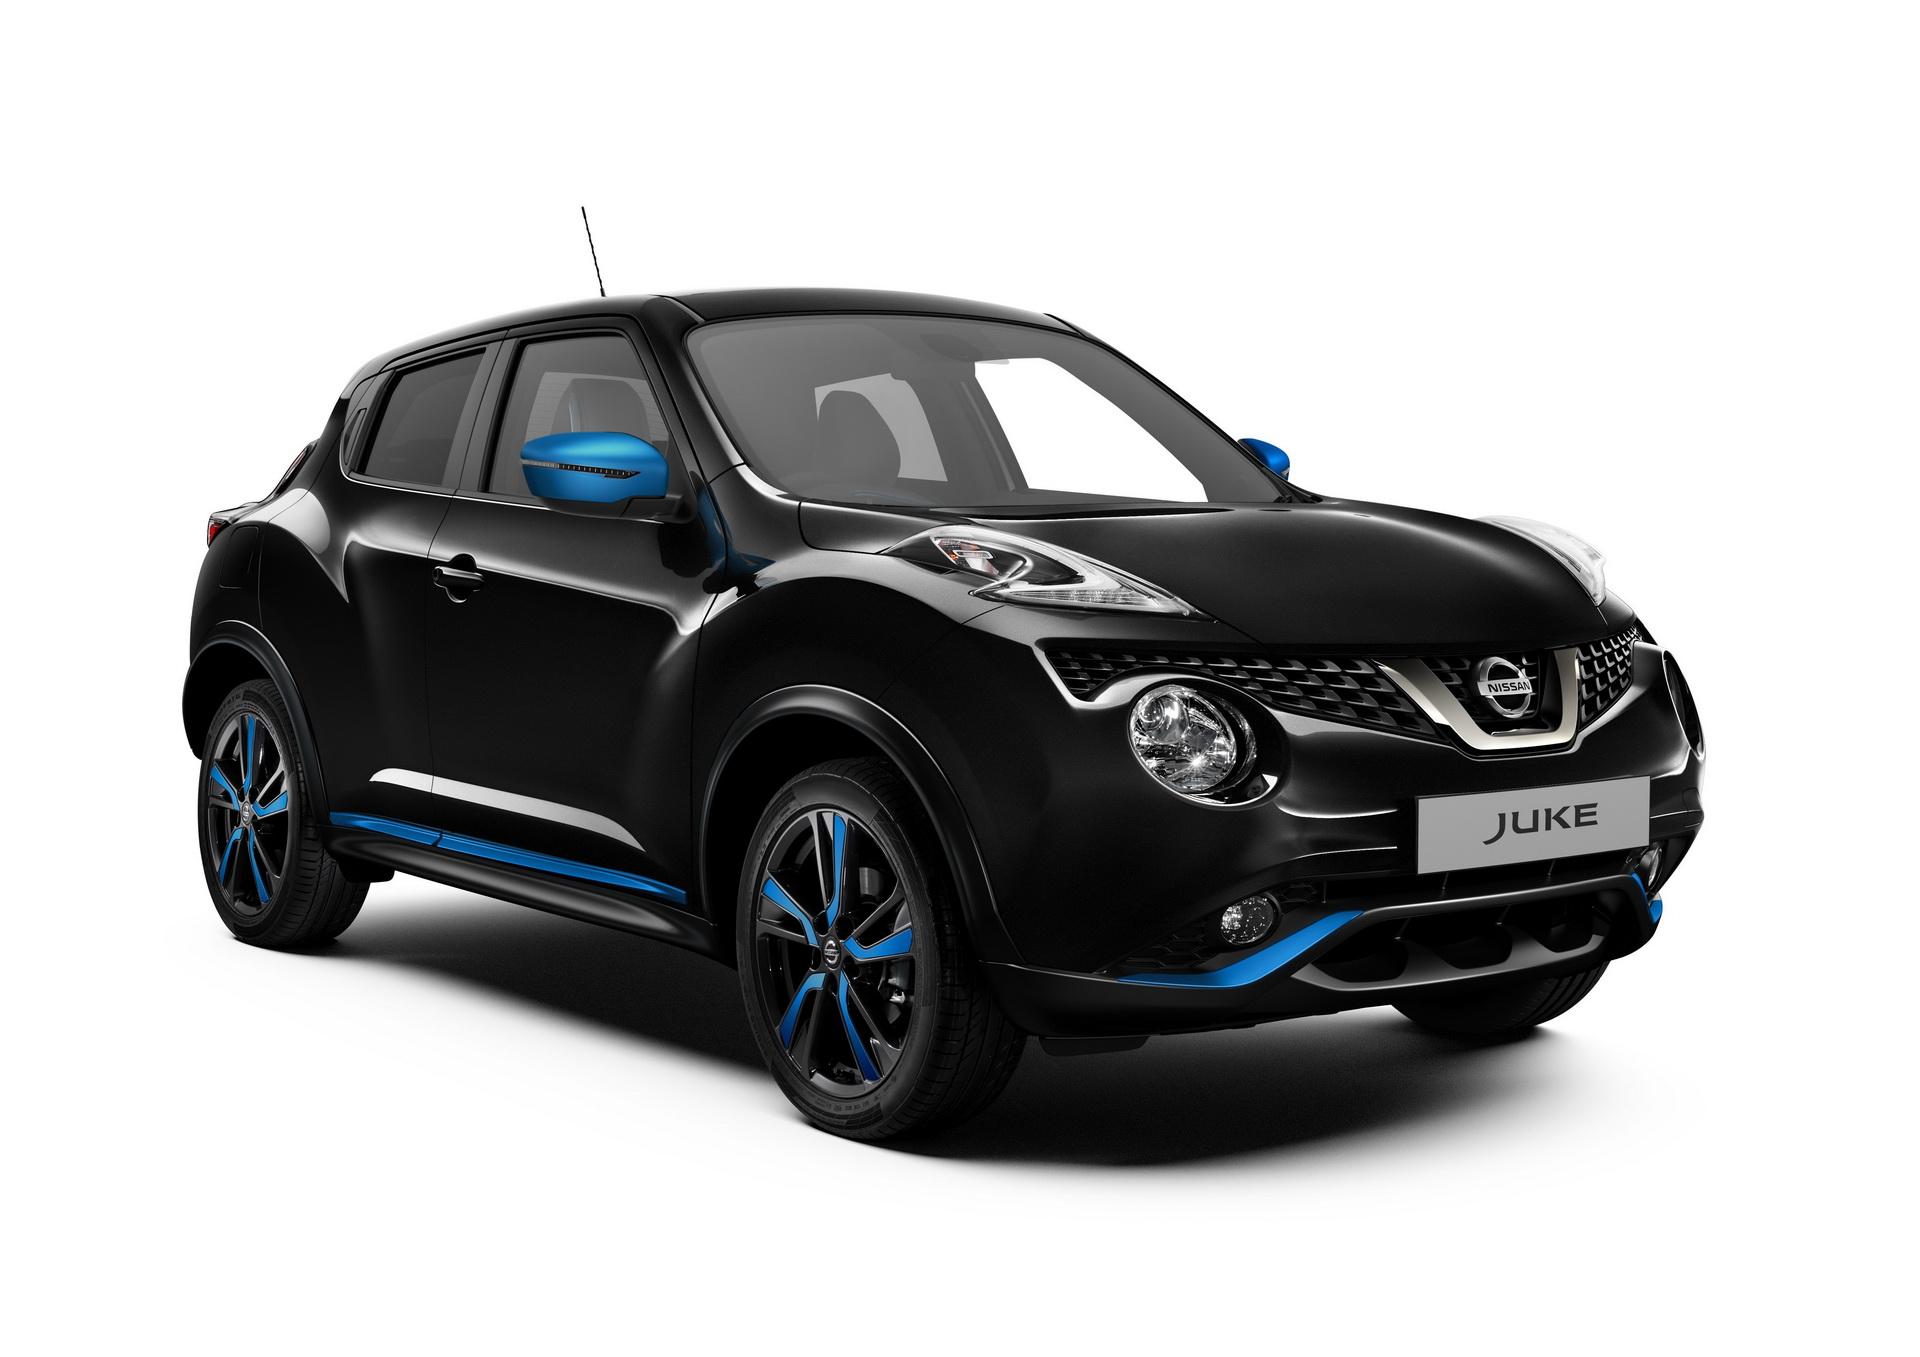 Женева 2018: Nissan Juke обновился